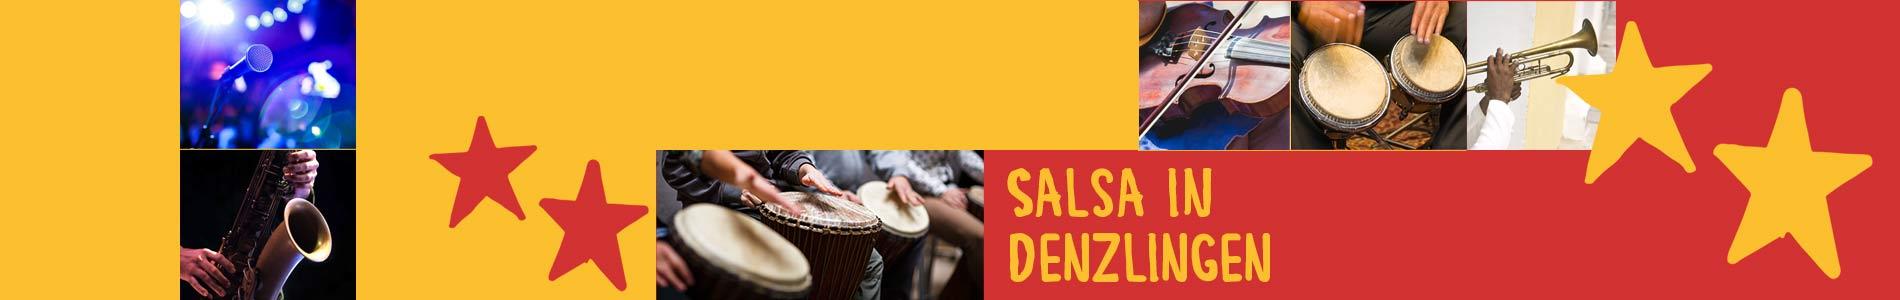 Salsa in Denzlingen – Salsa lernen und tanzen, Tanzkurse, Partys, Veranstaltungen